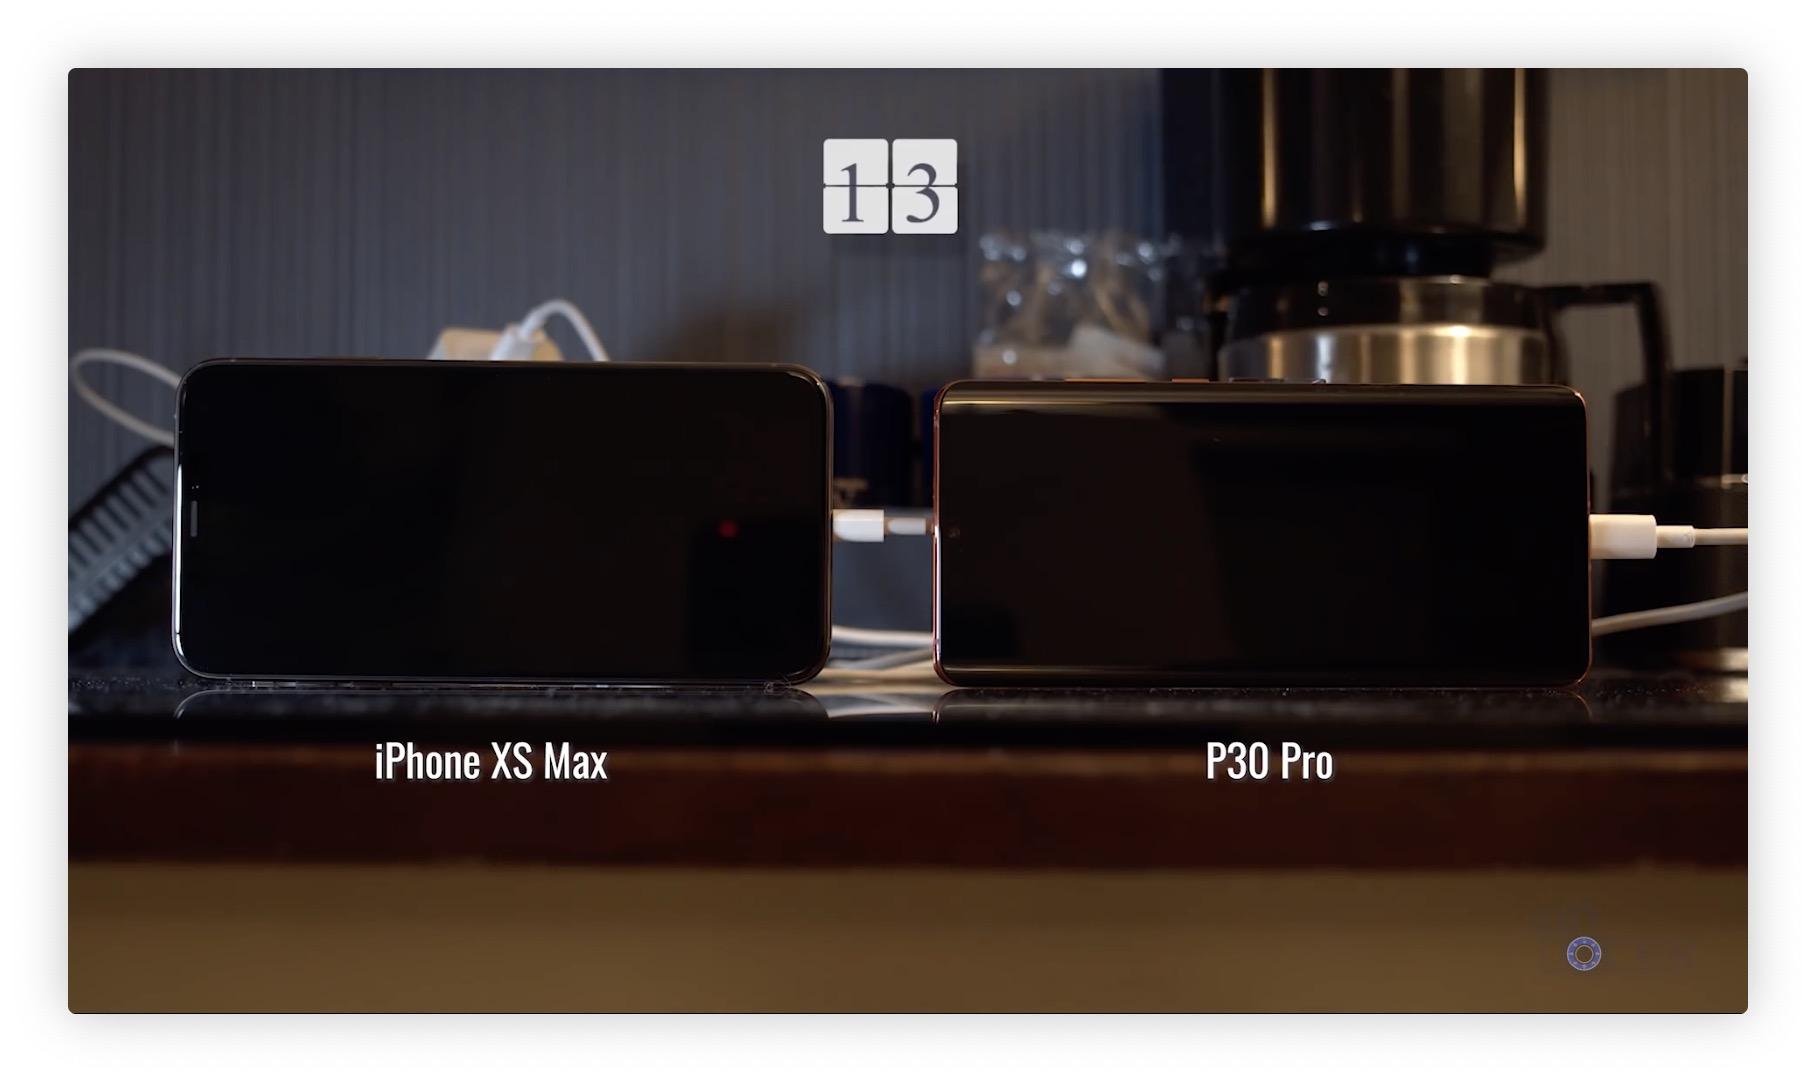 Charger son iPhone éteint est plus rapide : vrai ou faux ? Et autres tests (vidéo) 1